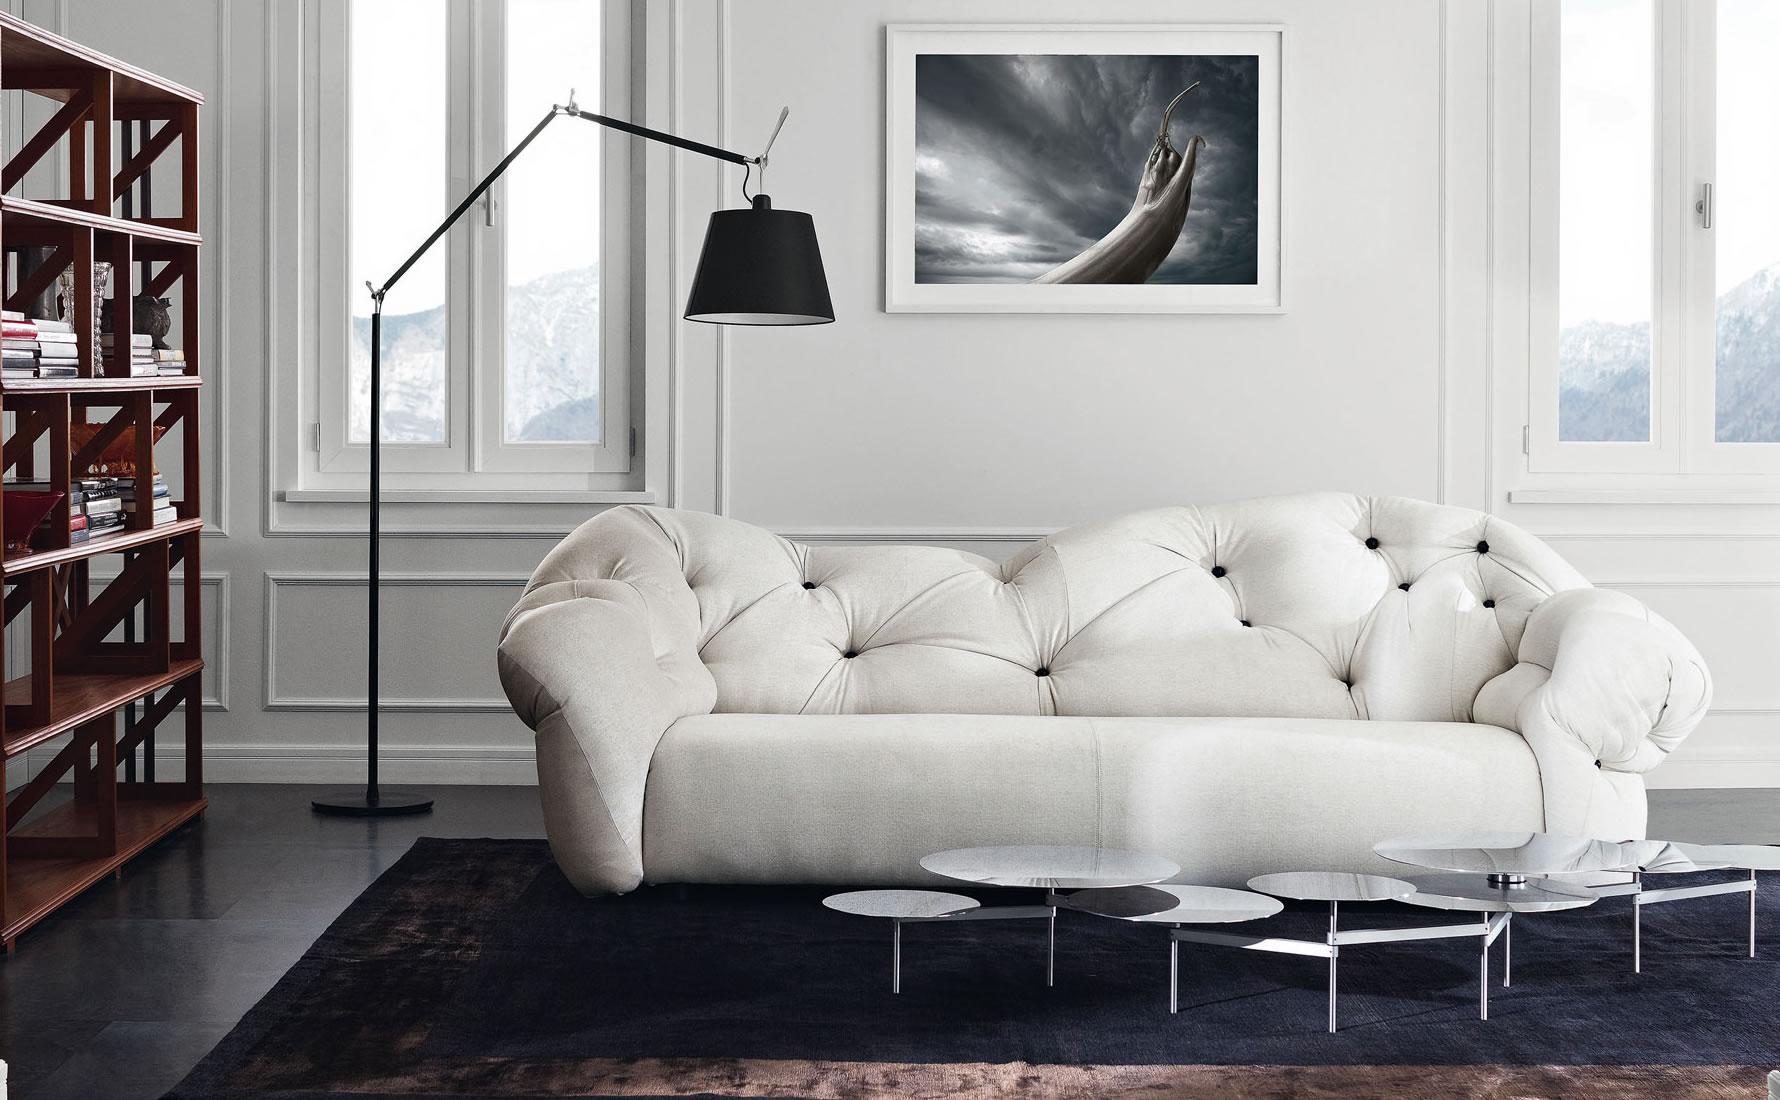 Sofa Nubola MIA Home Design Gallery & Furniture